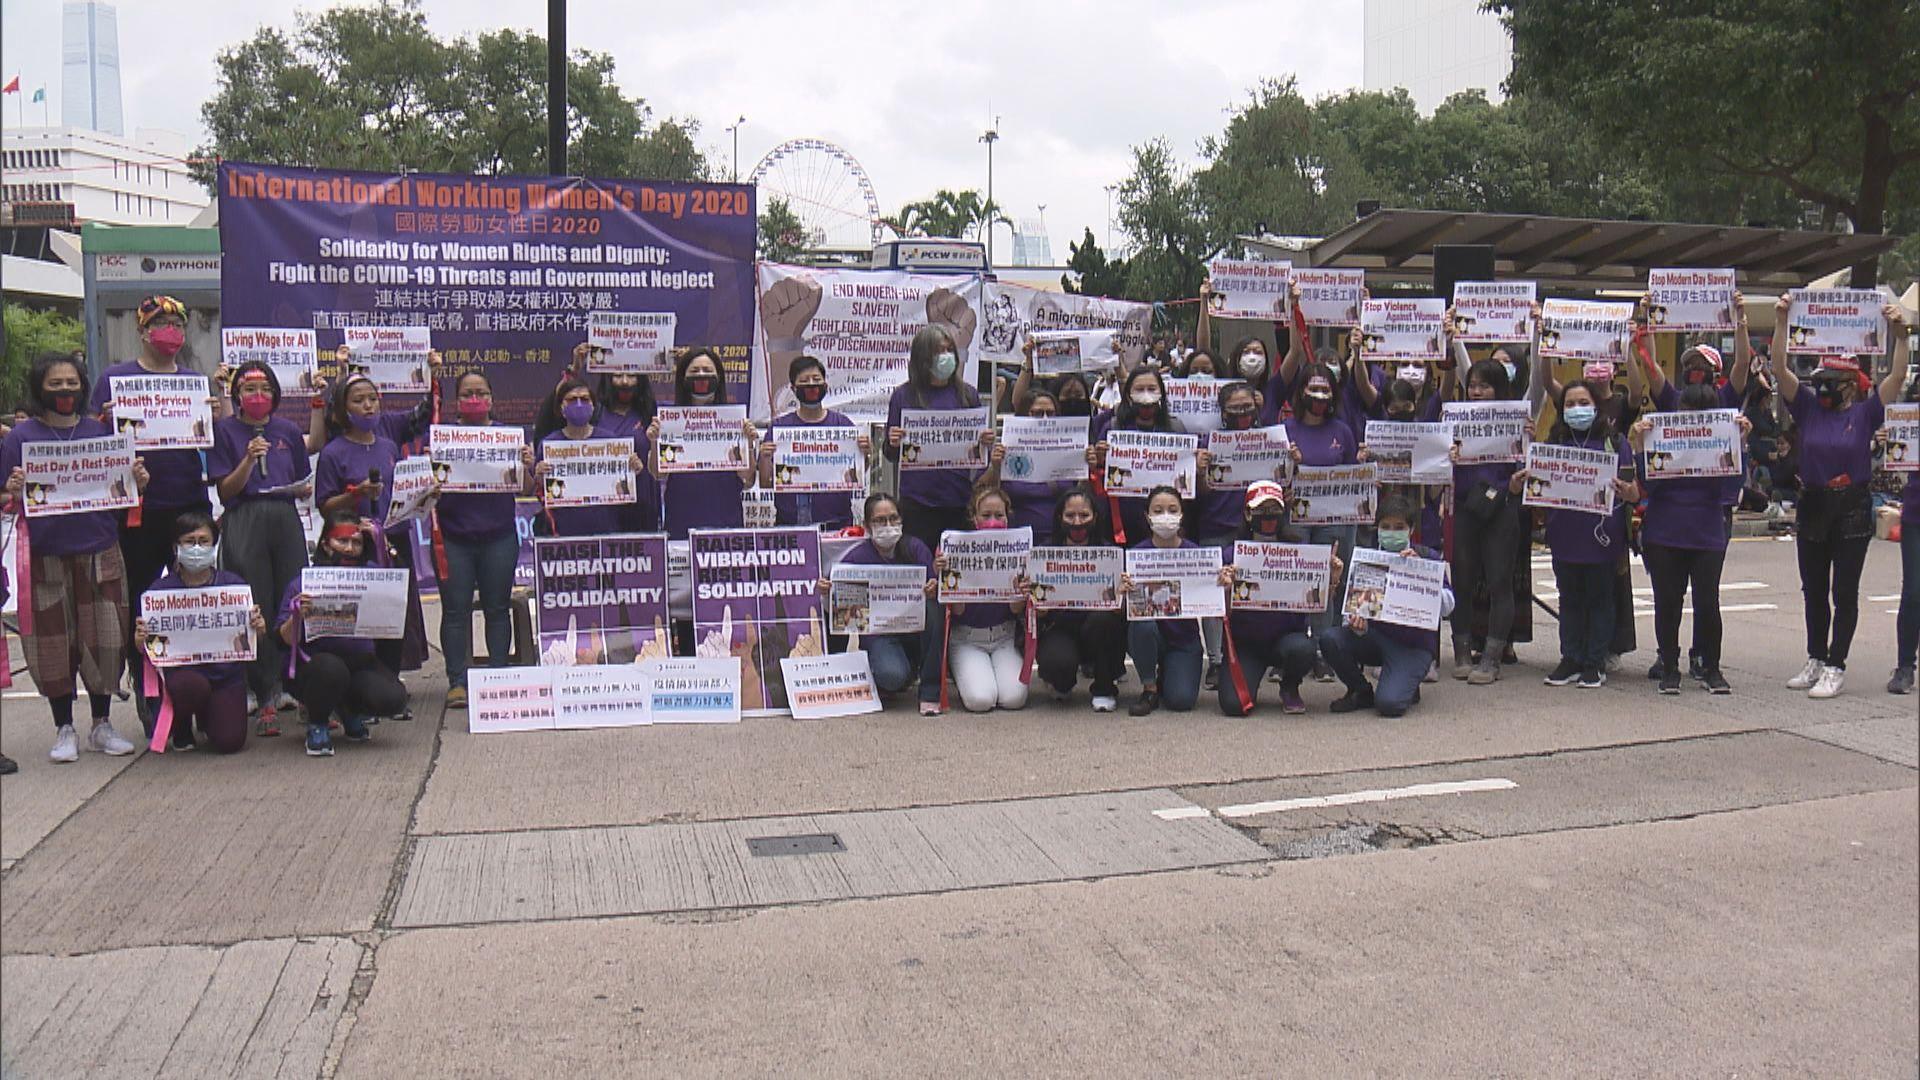 團體三八婦女節集會促關注外傭及婦女權益